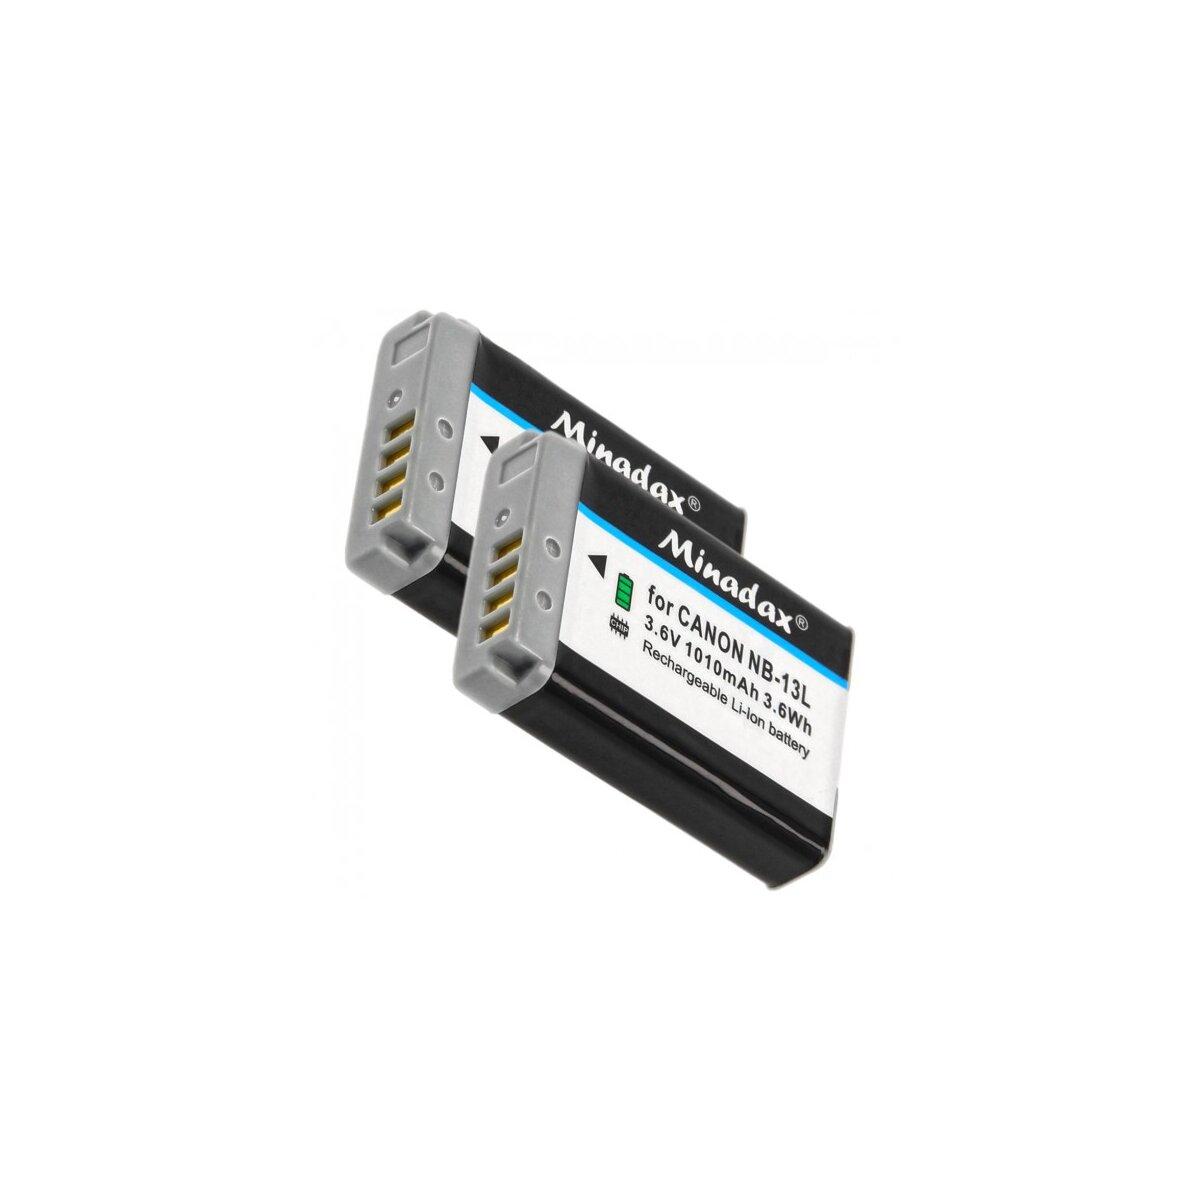 Minadax® 2x Qualitätsakku mit echten 1010 mAh kompatibel mit Canon Powershot G7 X, Ersatz für NB-13L - Intelligentes Akkusystem mit Chip